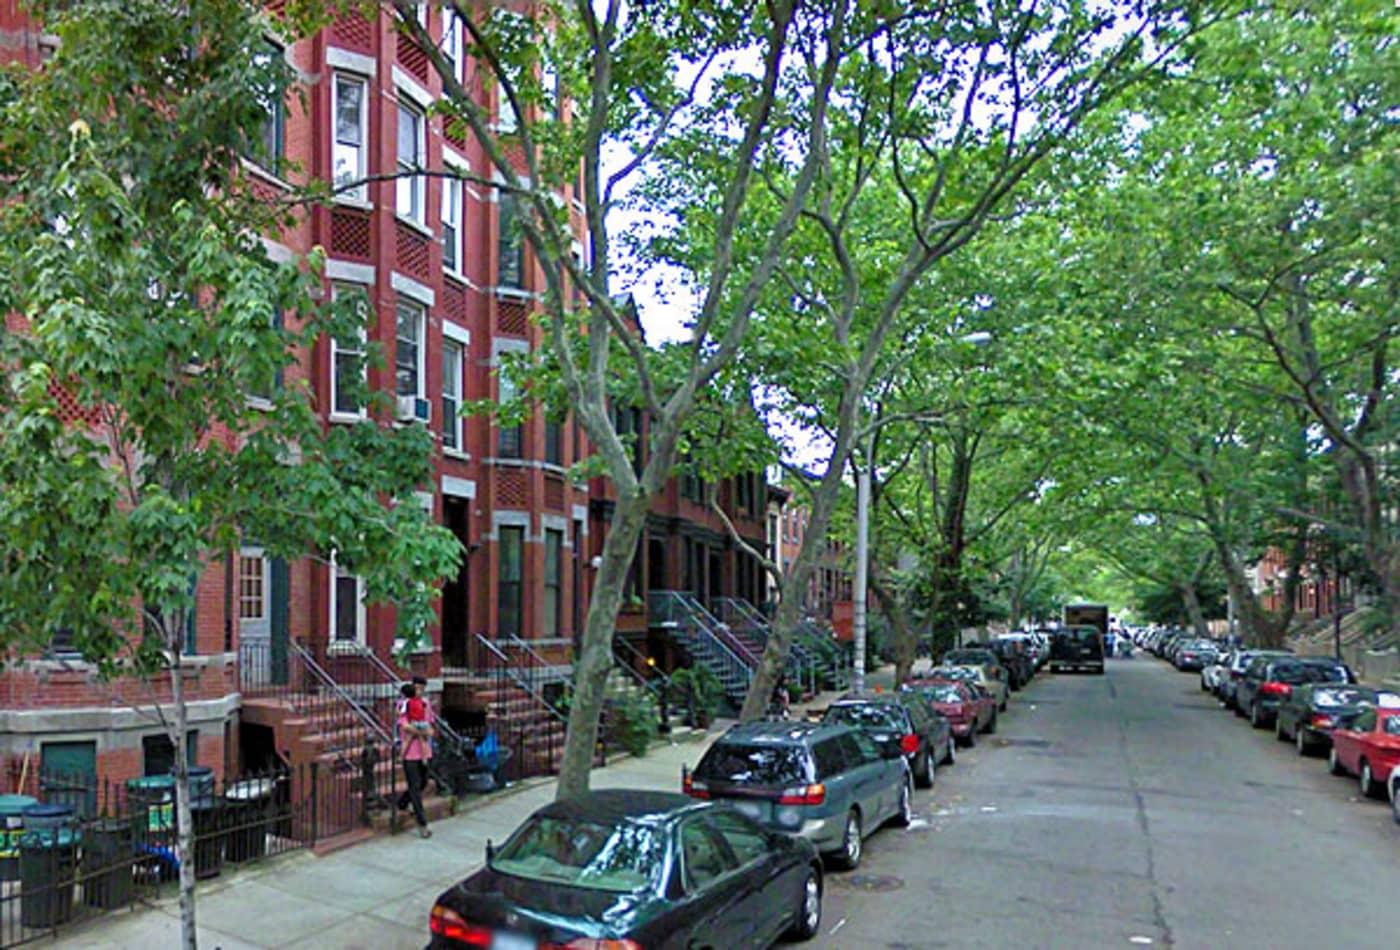 Long-Island-New-York-City-Best-Kept-Secret-Neighborhoods-CNBC.jpg